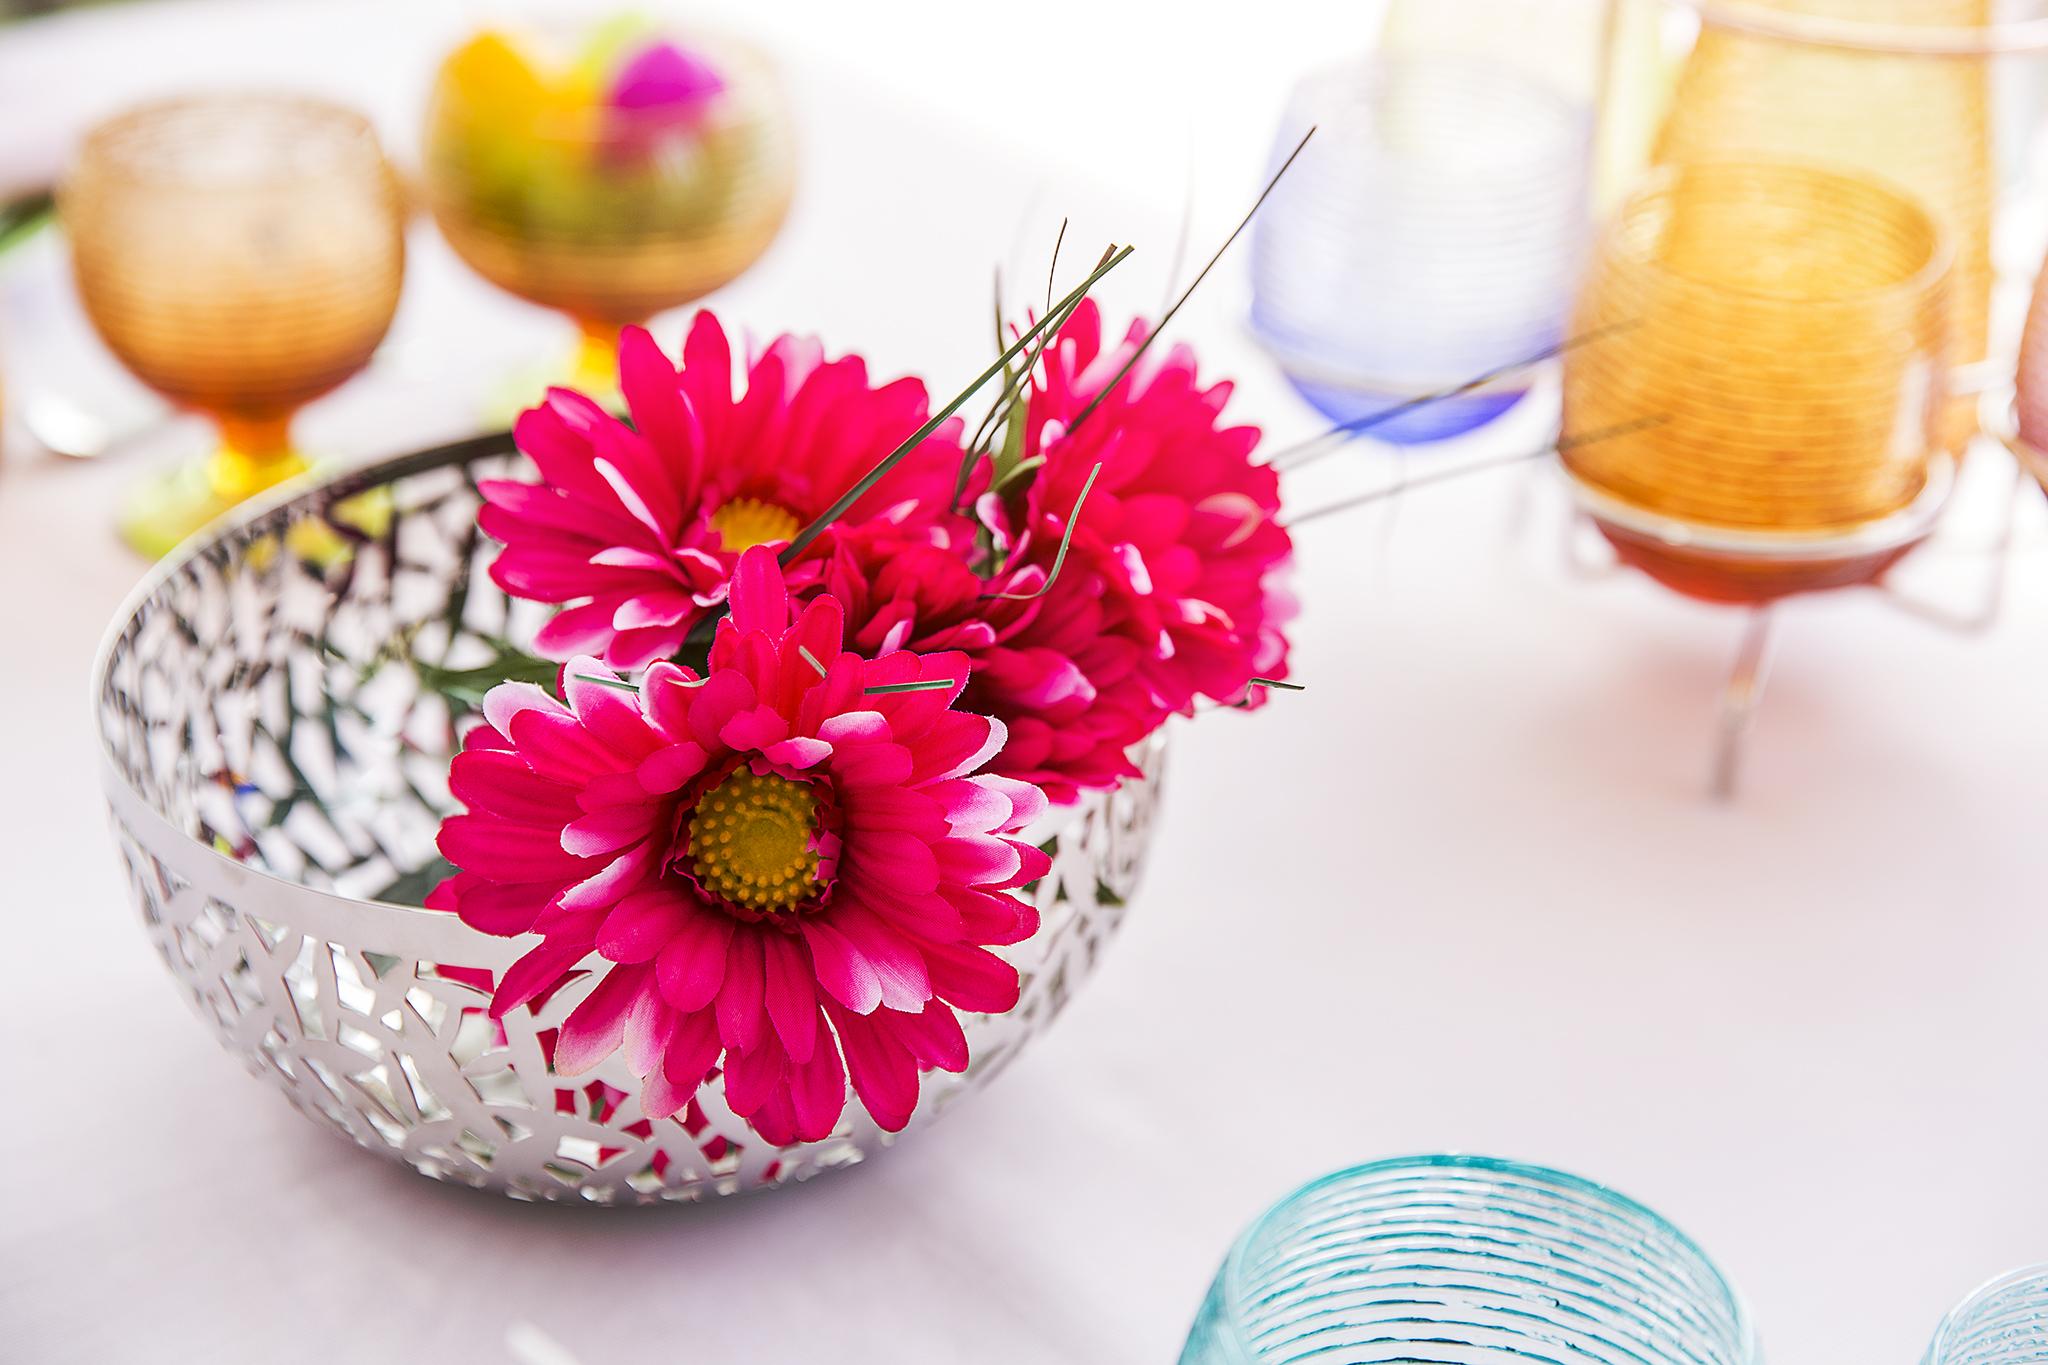 decorazioni pasquali fai da te | con foto e immagini per ispirarti! - Arredare Casa Per Pasqua